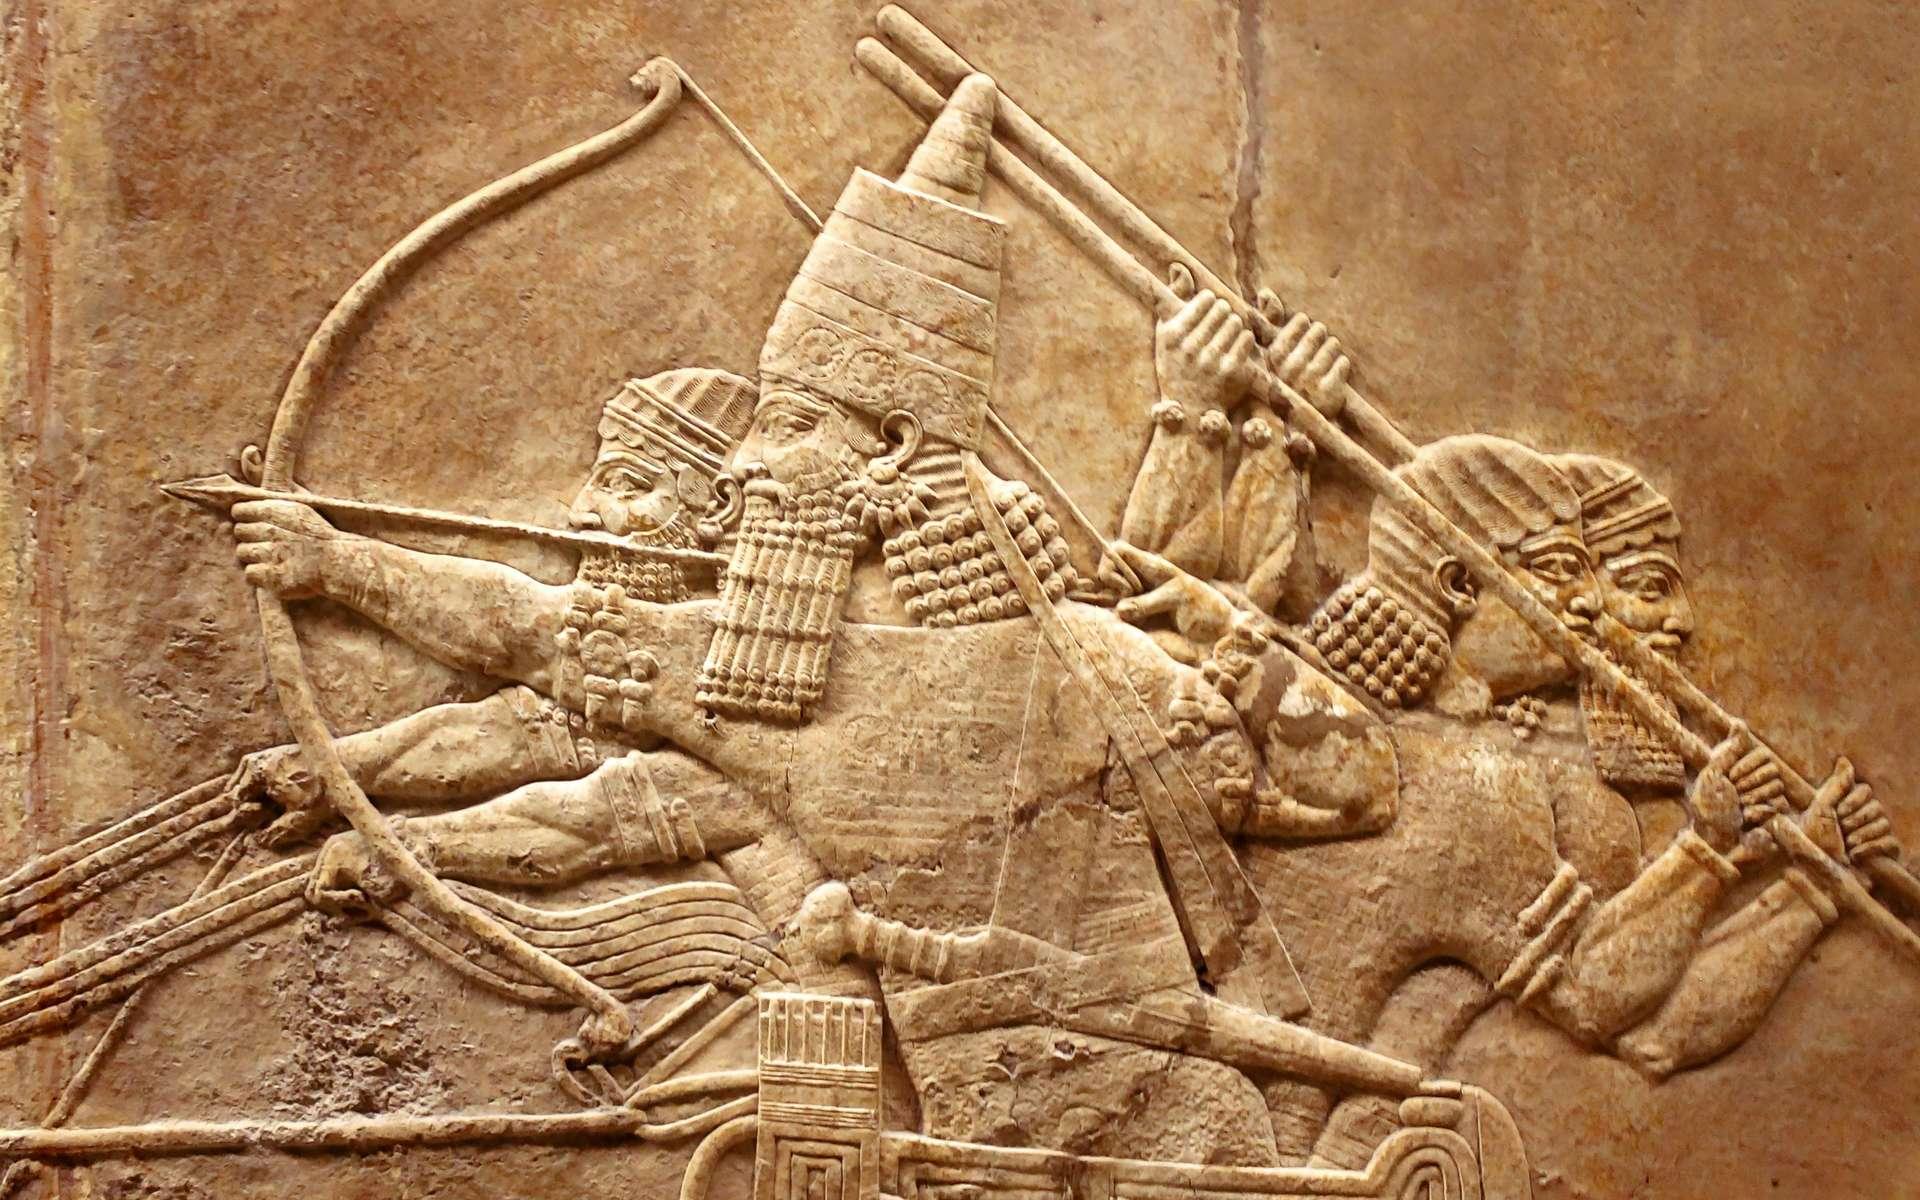 La civilisation assyrienne s'est désagrégée en 609 avant J.-C, confrontée à la sécheresse et aux luttes intestines. © scaliger, Adobe Stock